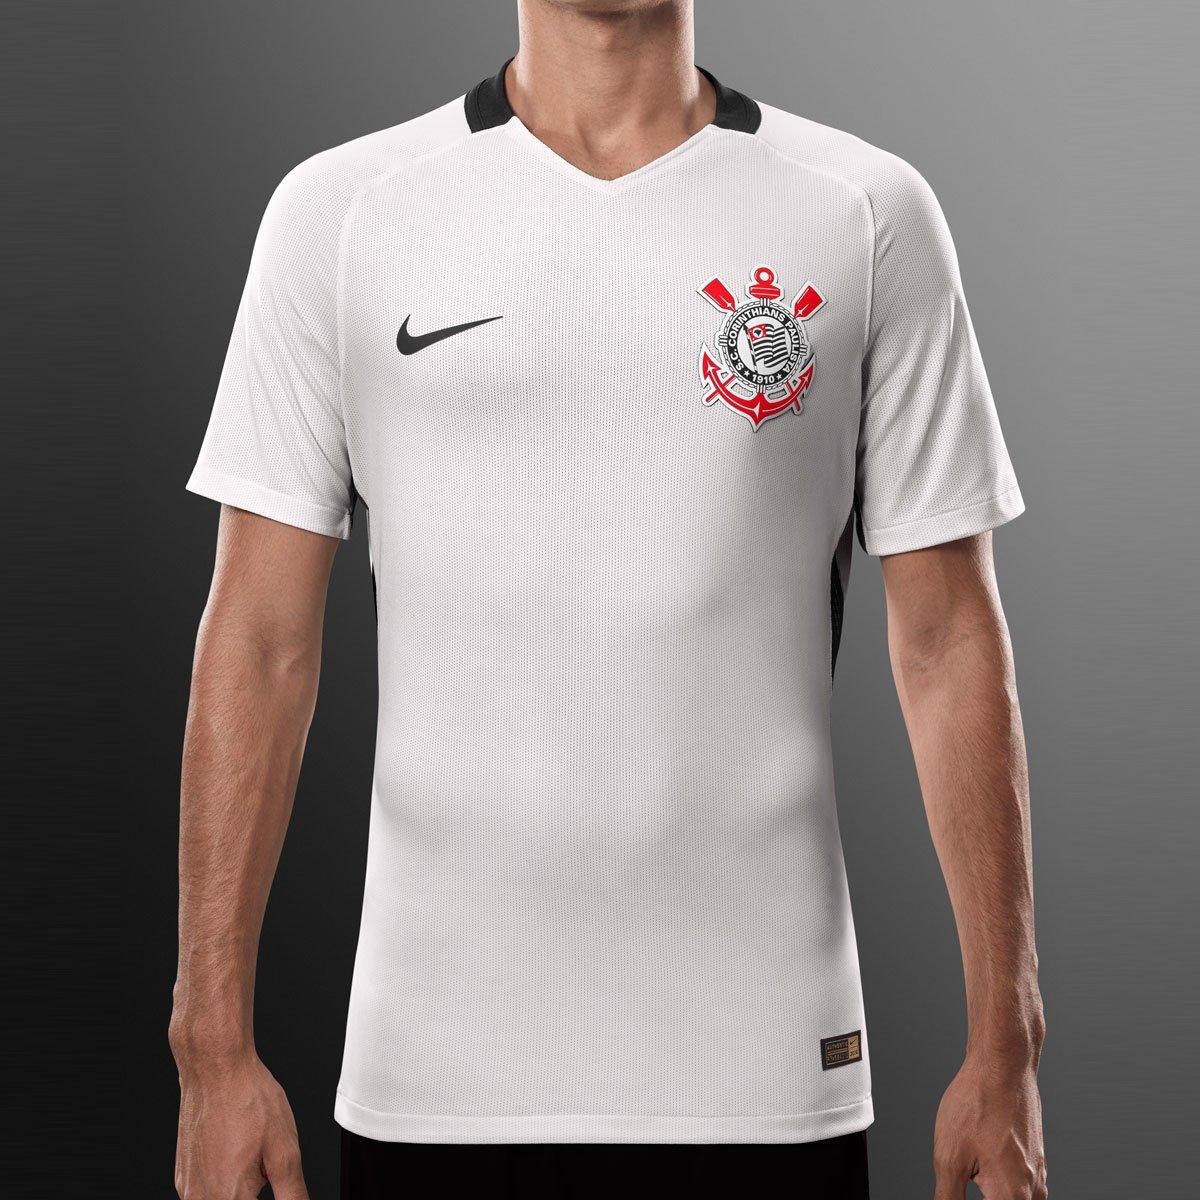 Camisa Corinthians I 2016 s nº - Jogador Nike Masculina - Compre Agora  177ce90dfa10e